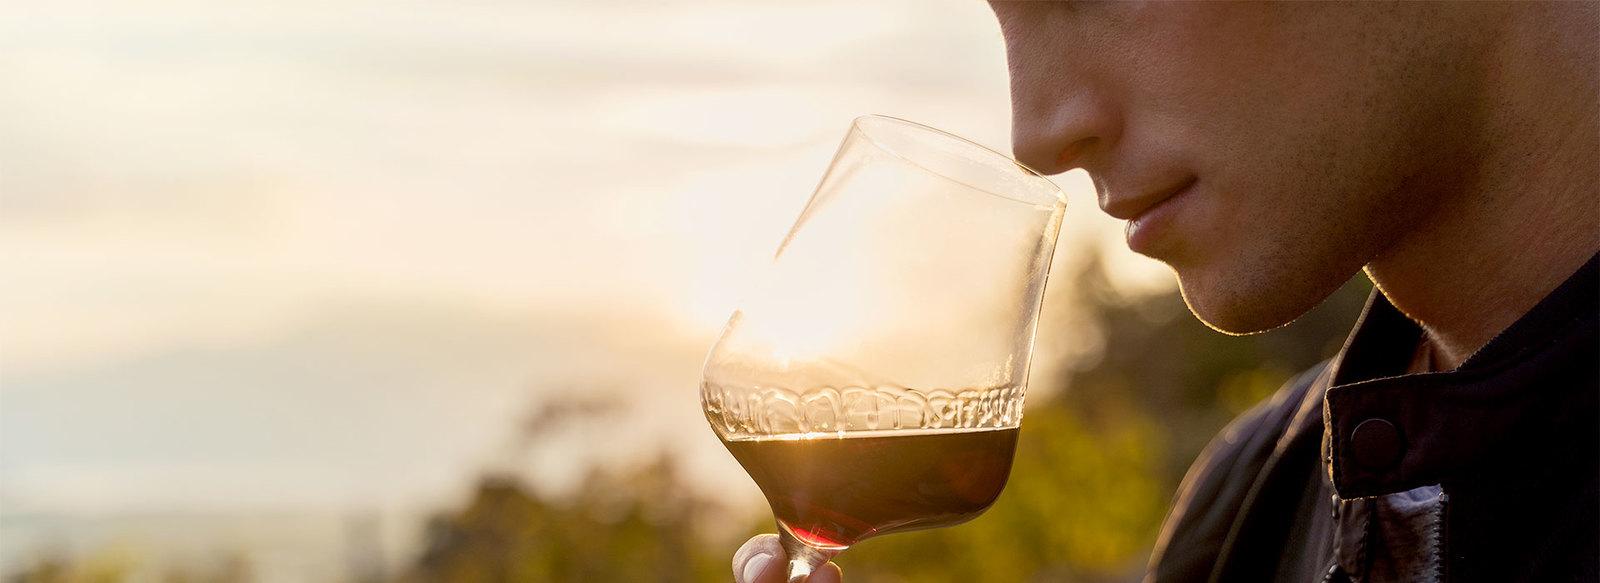 Wine tasting e bottiglia di vino omaggio